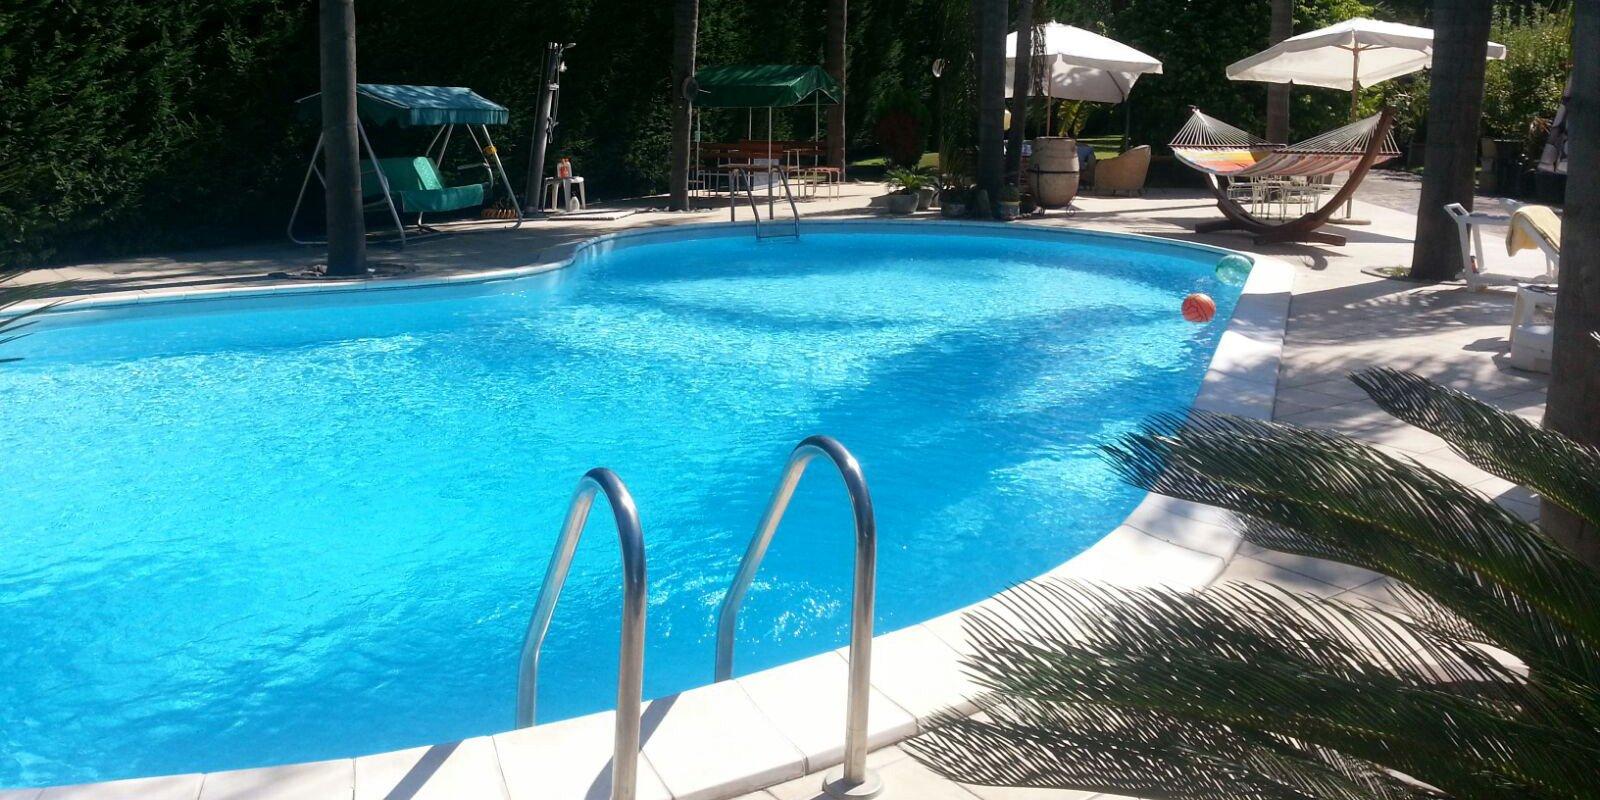 vista dalla piscina con ombrelloni, amaca, tendalini e due palloni che galleggiano in acqua